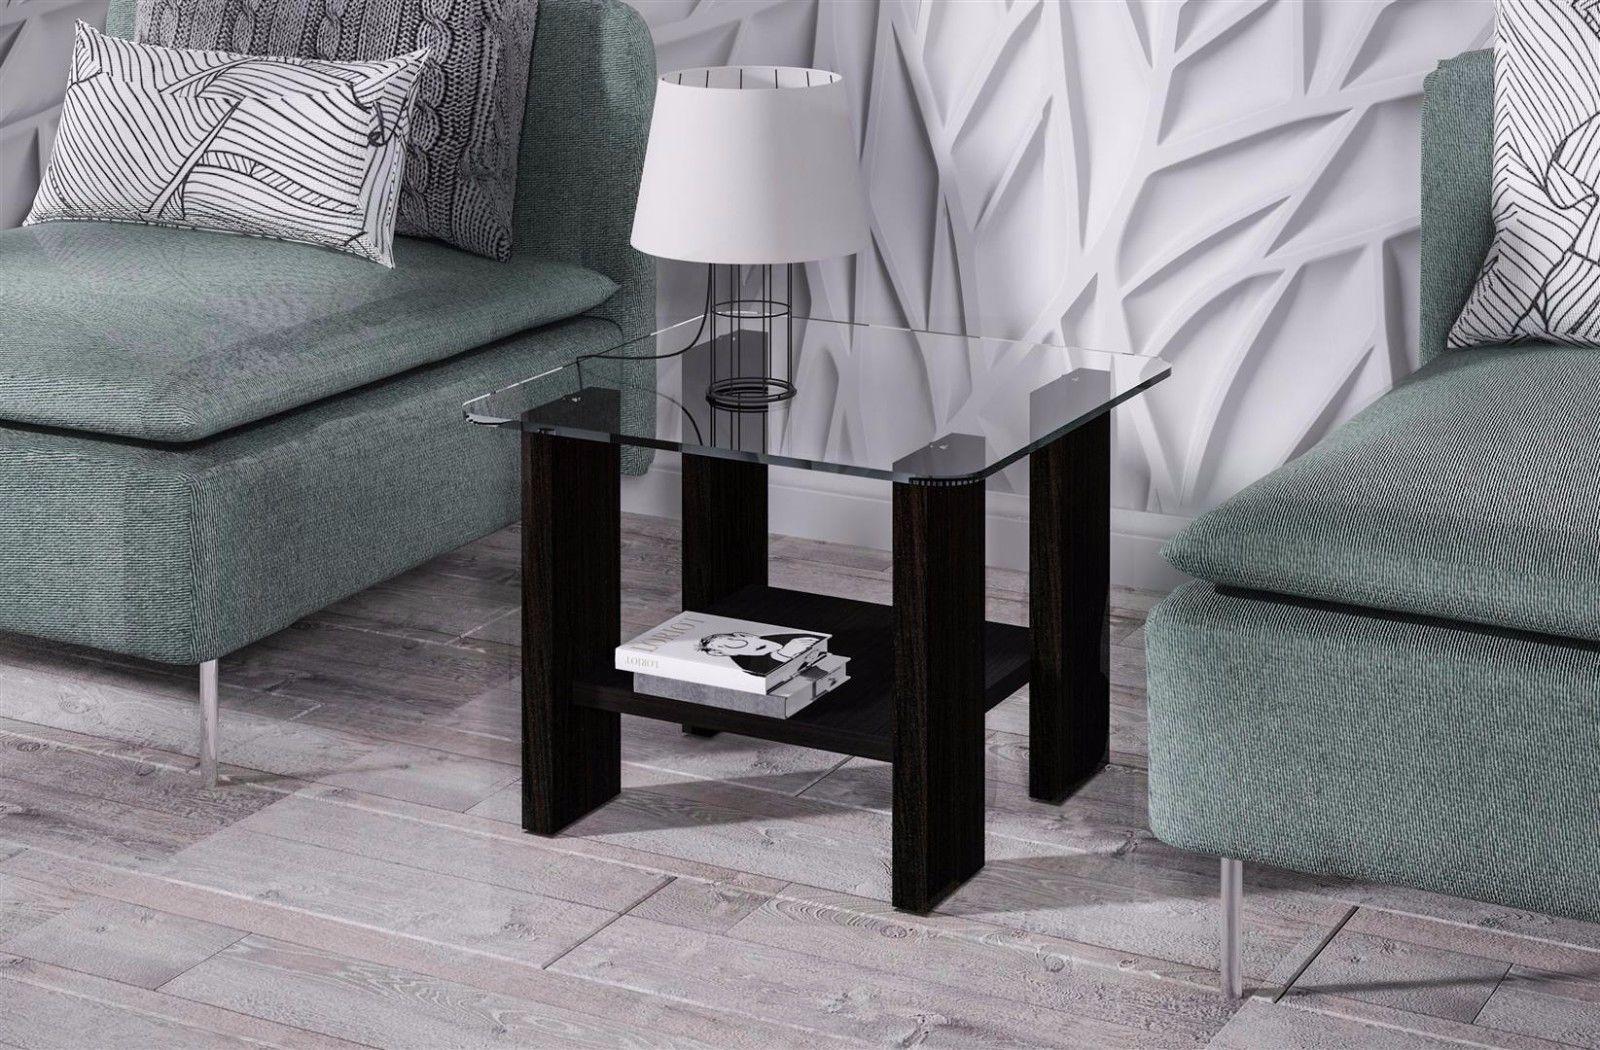 kleiner gnstig finest large size of ecktische und gunstig. Black Bedroom Furniture Sets. Home Design Ideas